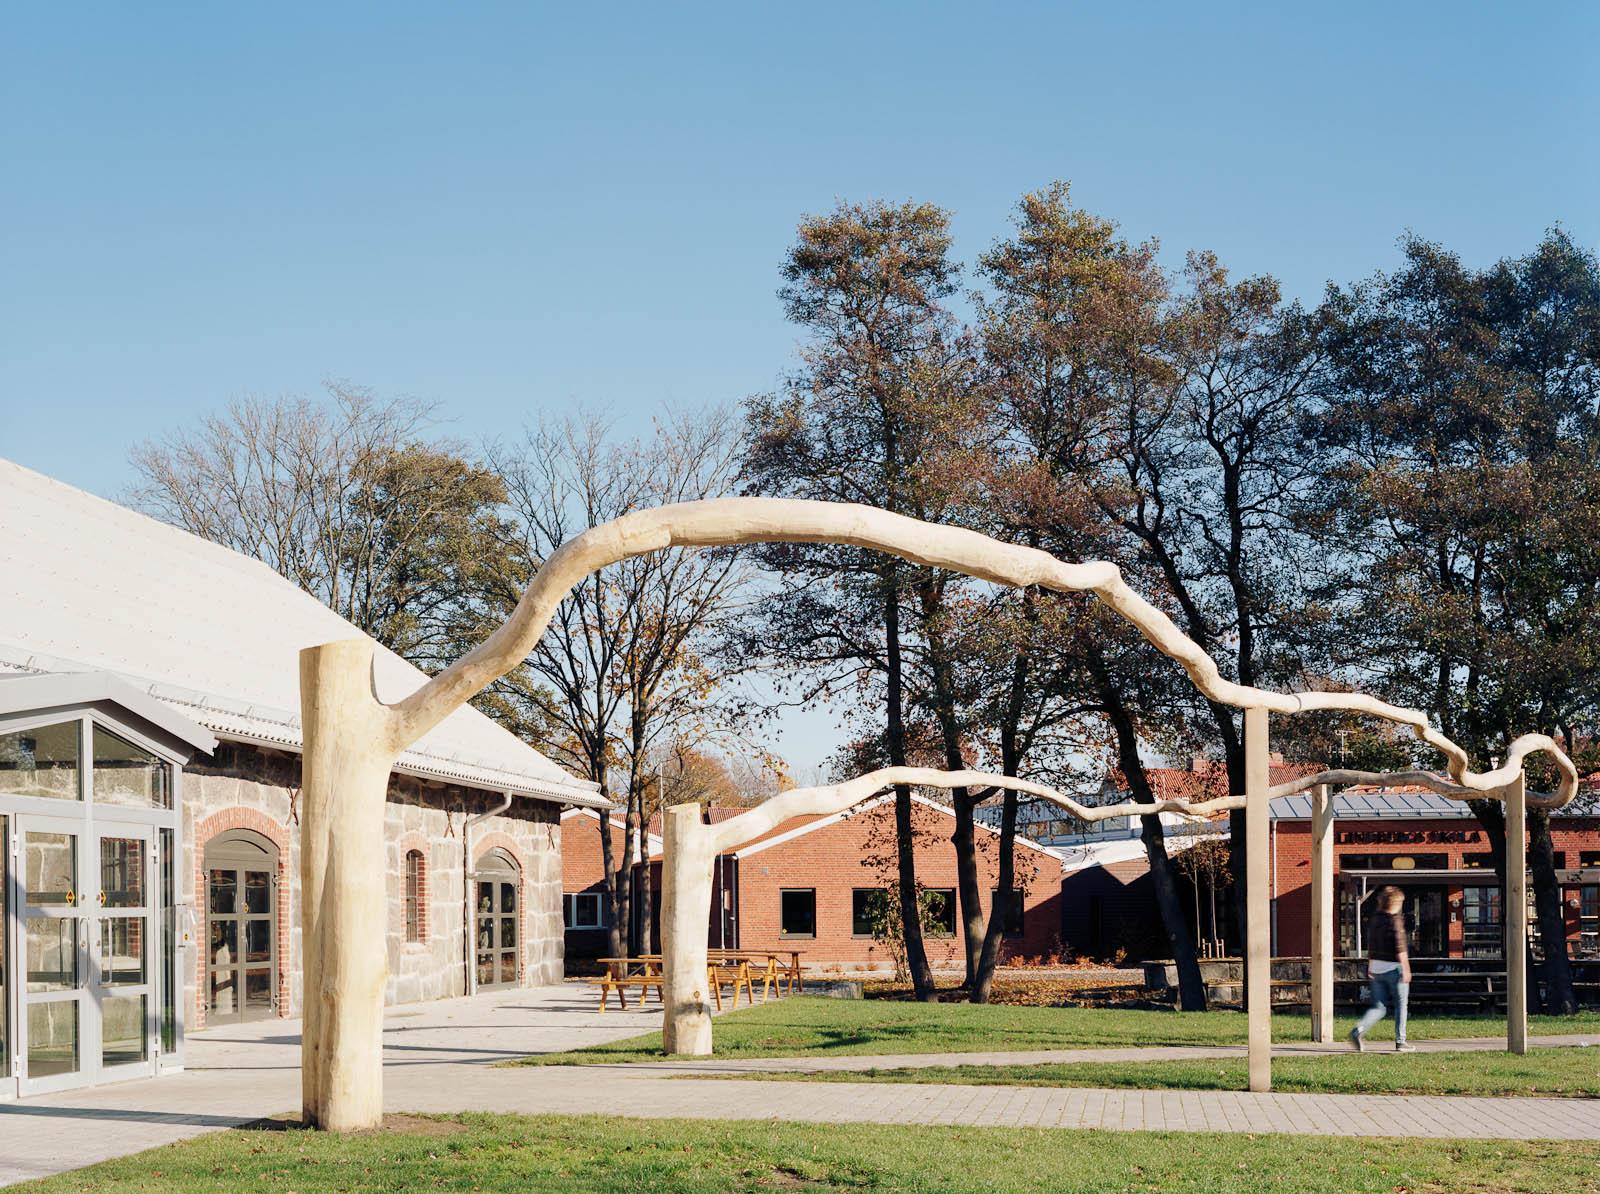 Grenen slingrar sig i en halvcirkel strax utanför skolans ingång. Malin Bogholt, Kontakt